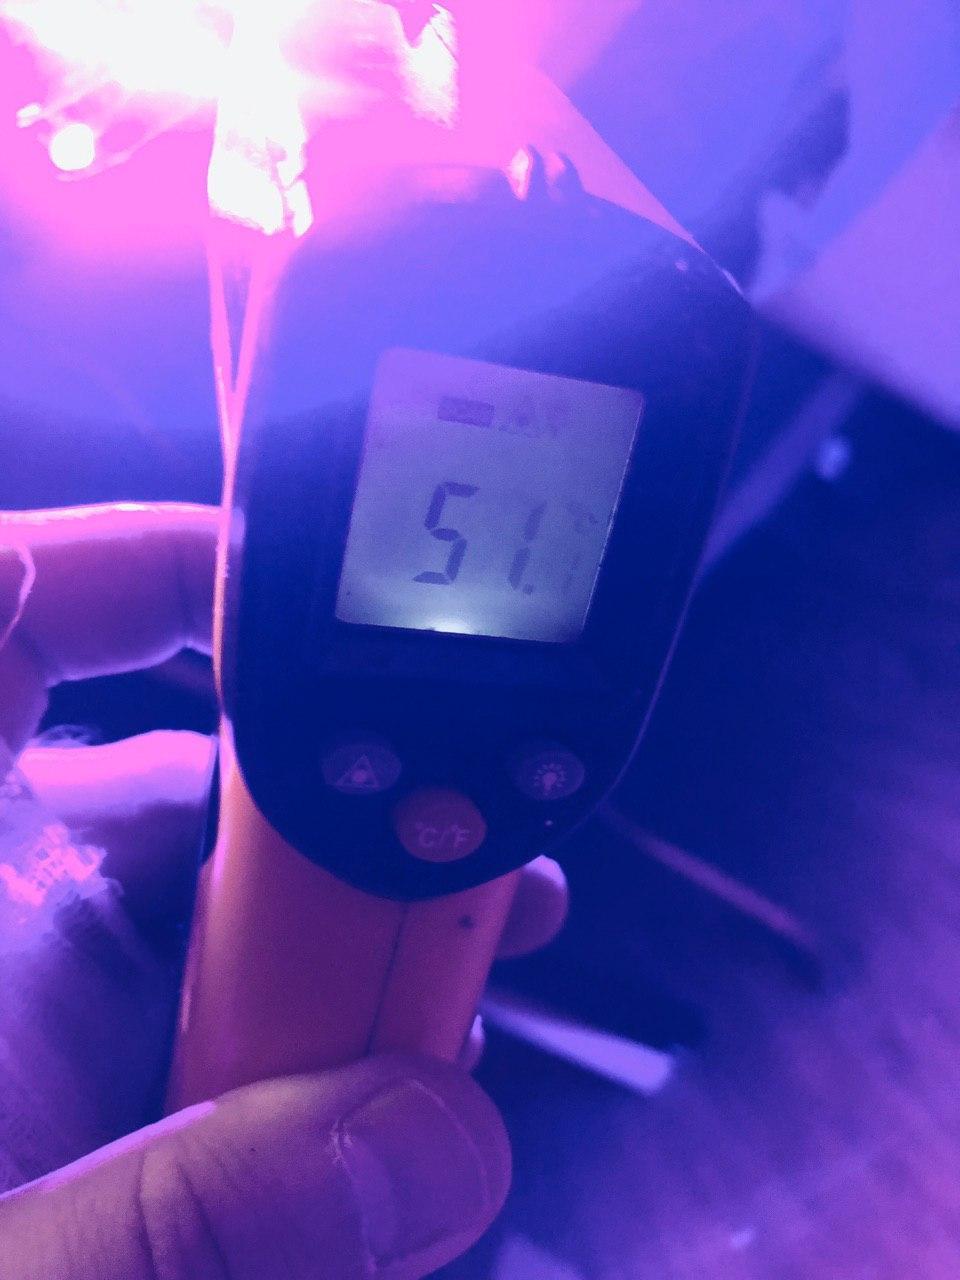 Экспресс UV лампа своими руками 400-405 нм для полимеризации 3D фотополимерных моделей - 30